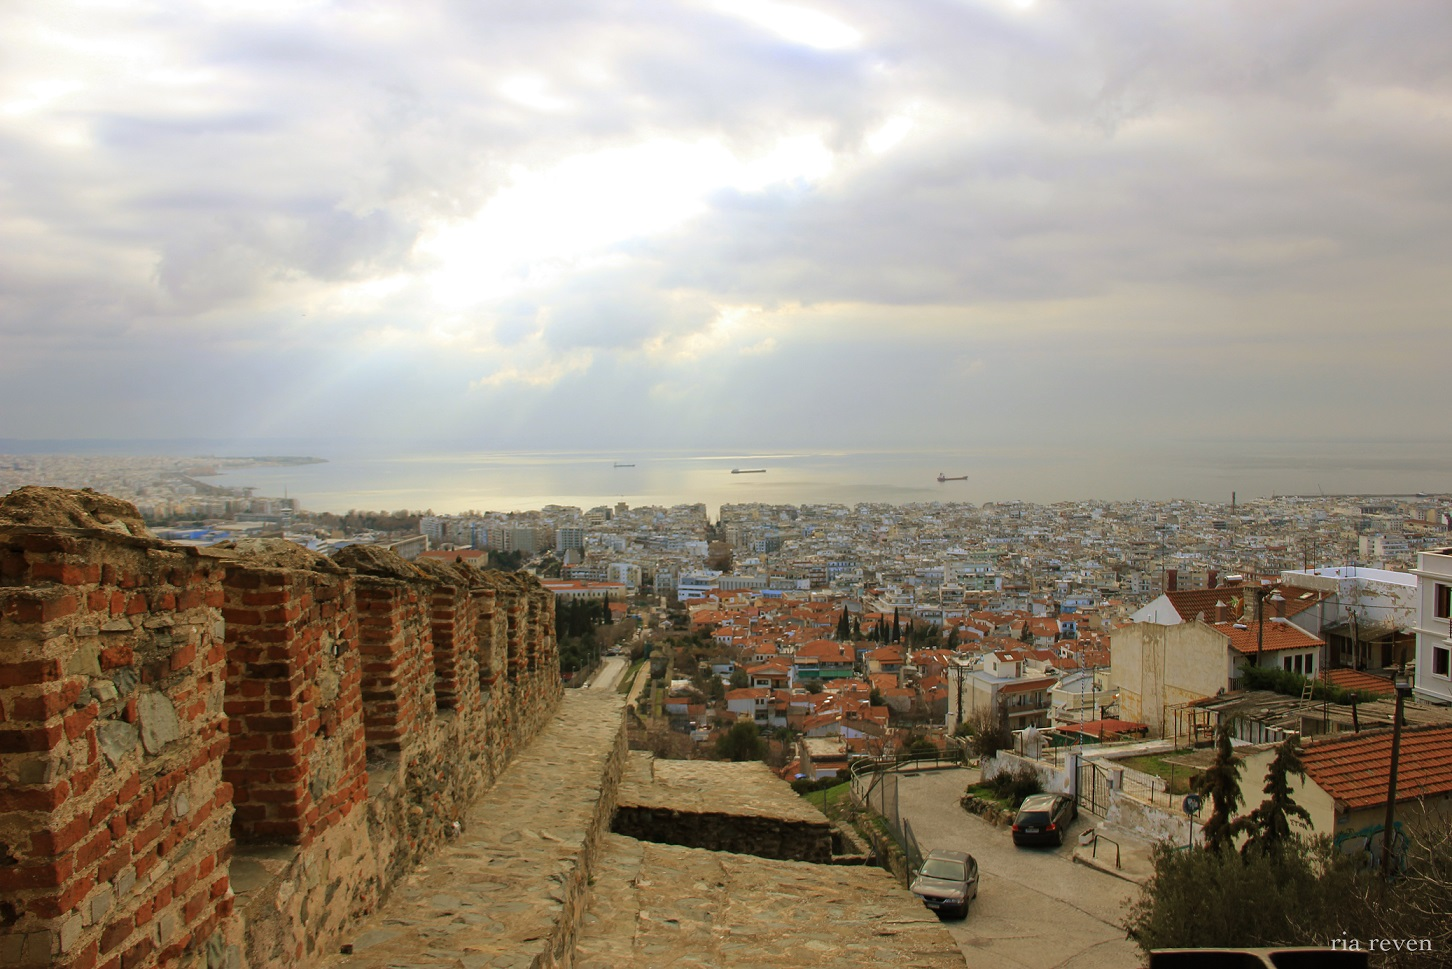 10 1 234-fotografikes-periplaniseis-sti-thessaloniki © sotiria revenisiou